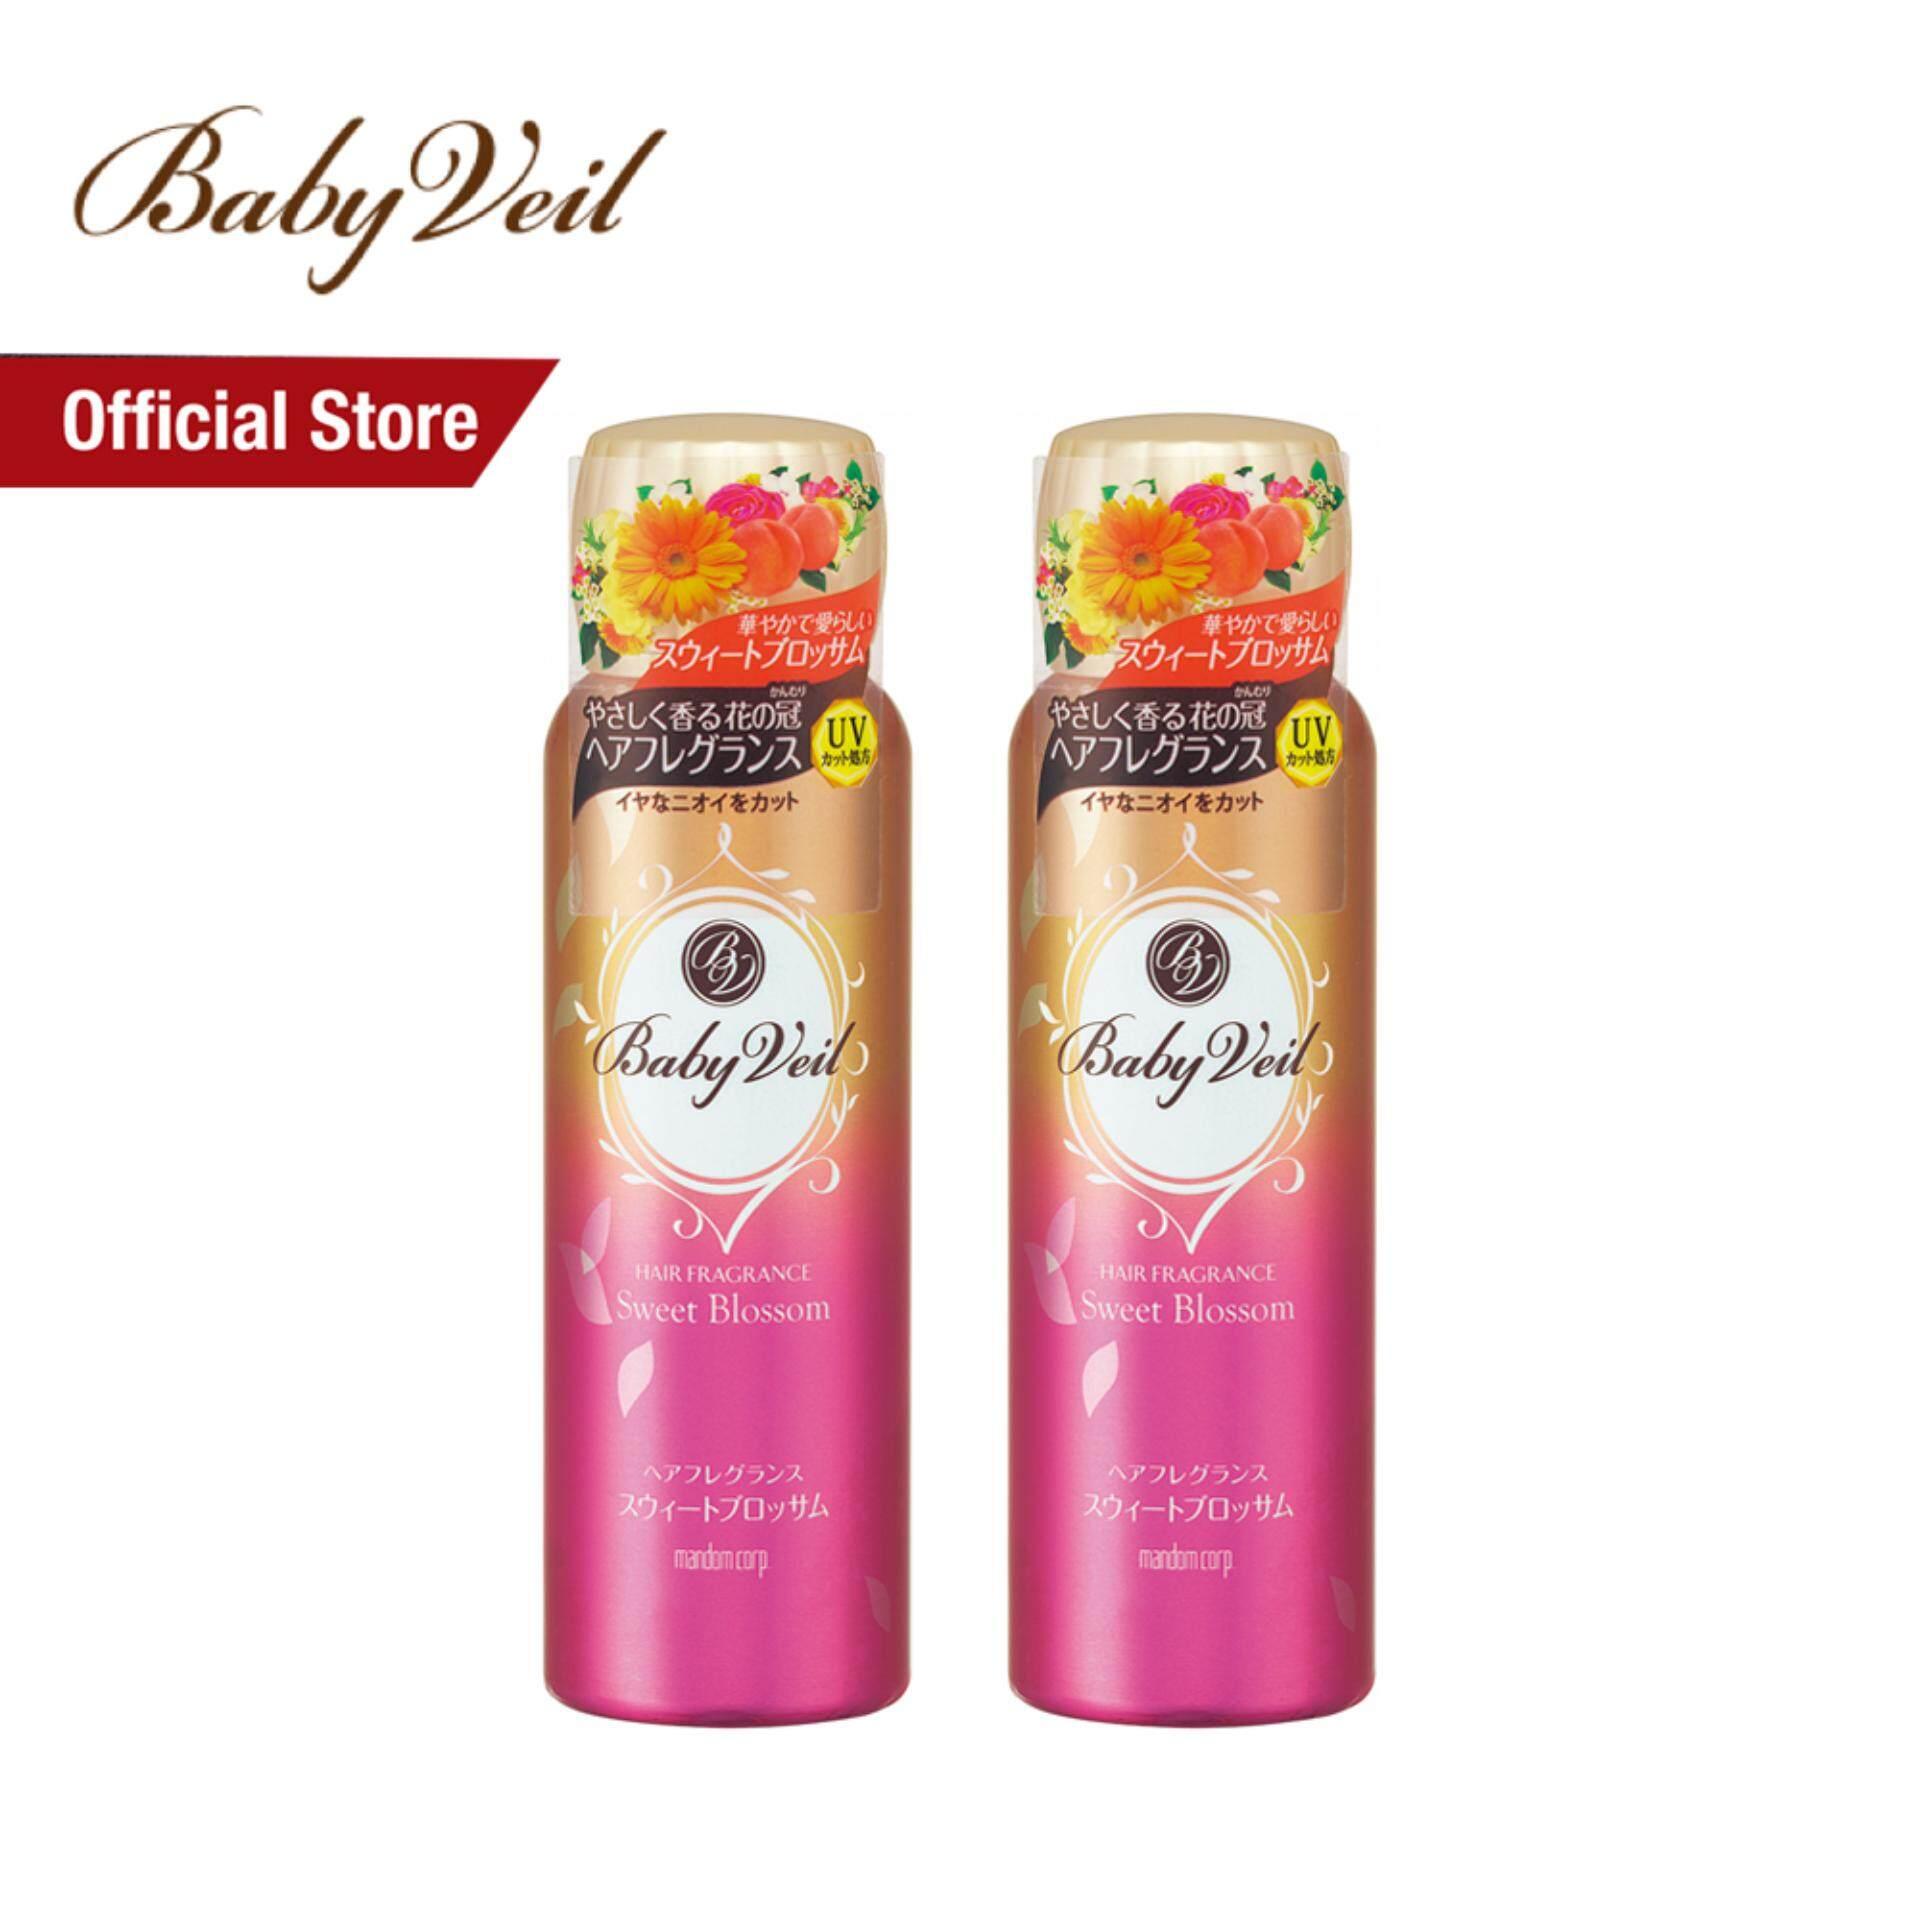 [ซื้อ 1 แถม 1] - Baby Veil Hair Fragrance Sweet Blossom สเปรย์หอมฉีดผม กลิ่น สวีท บลอสซั่ม 80 G. By Bifesta Official.